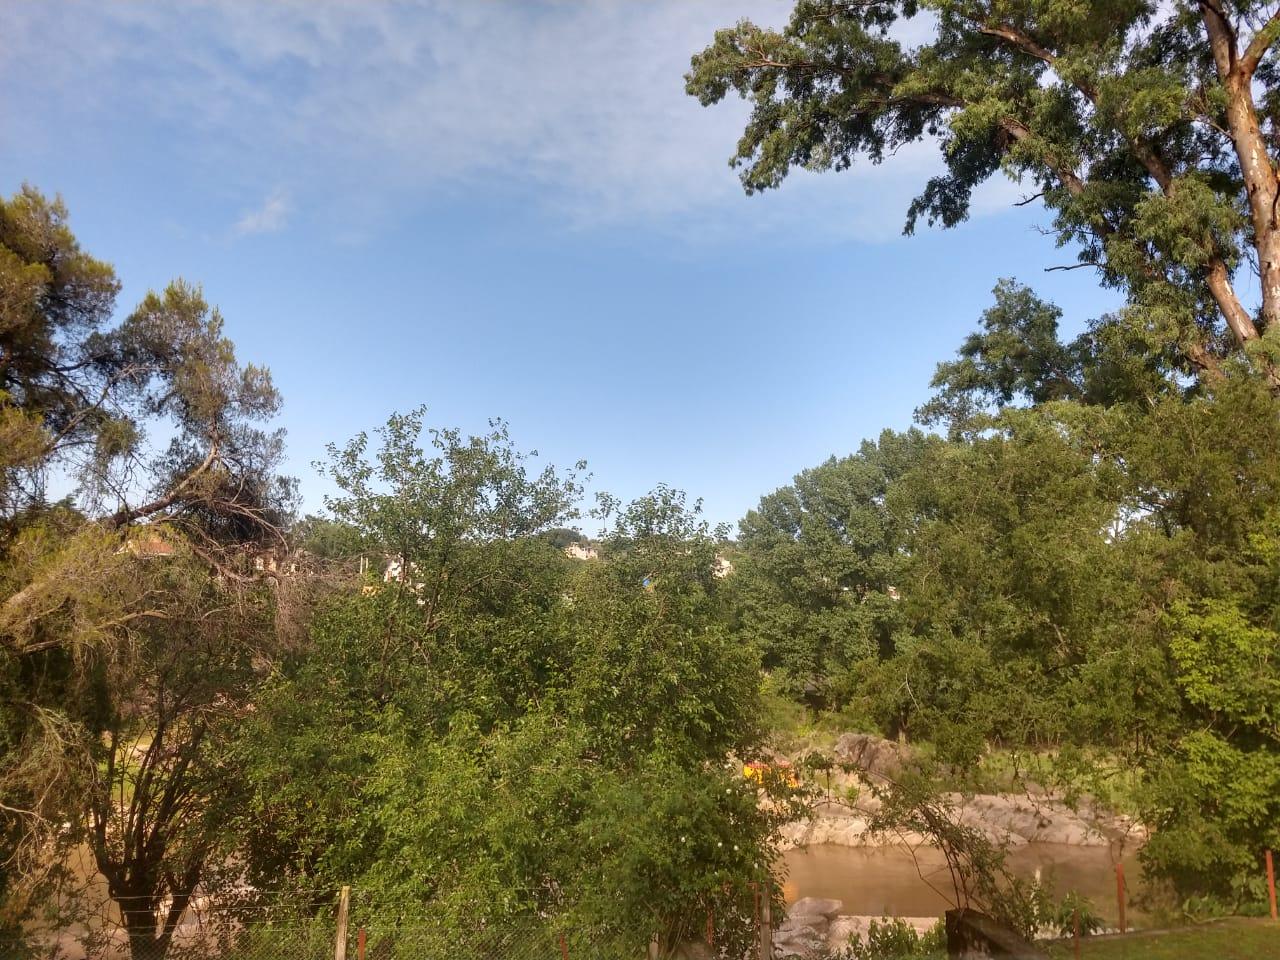 El domingo continúa inestable tras las lluvias y caída de granizo